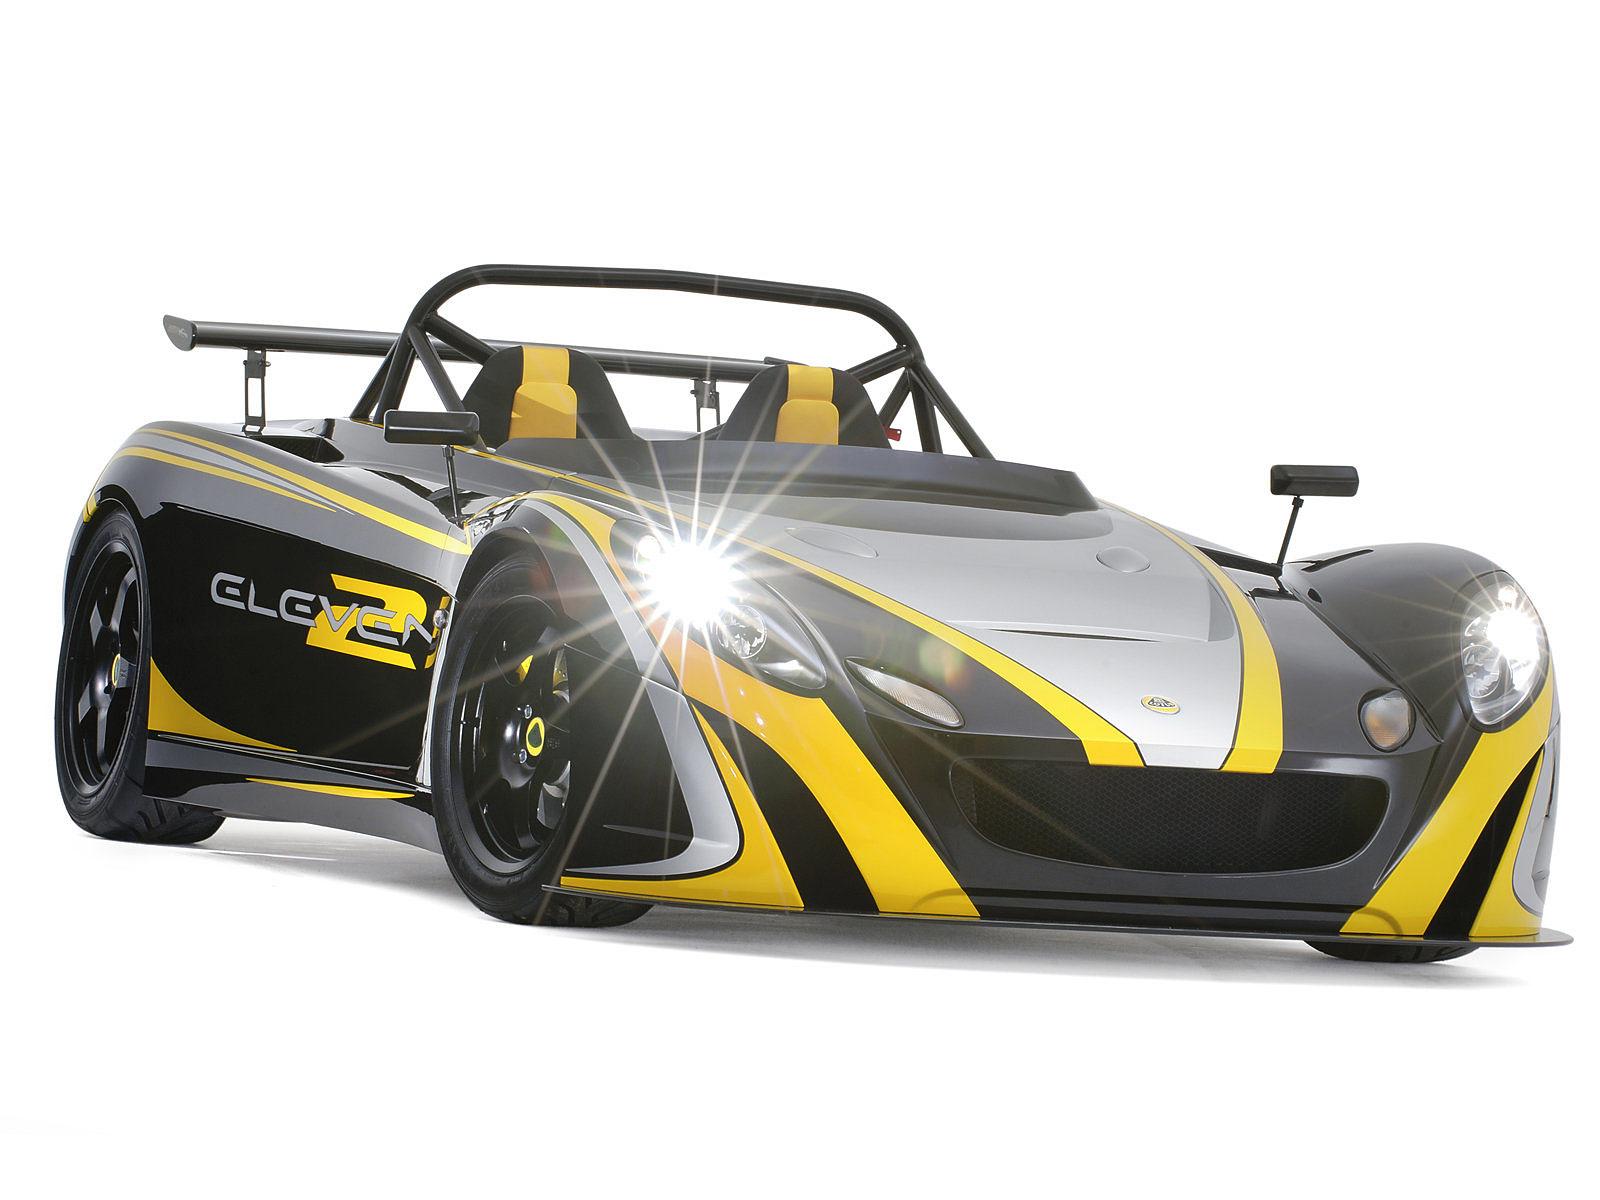 Gambar Mobil Lotus 2 Eleven 2007